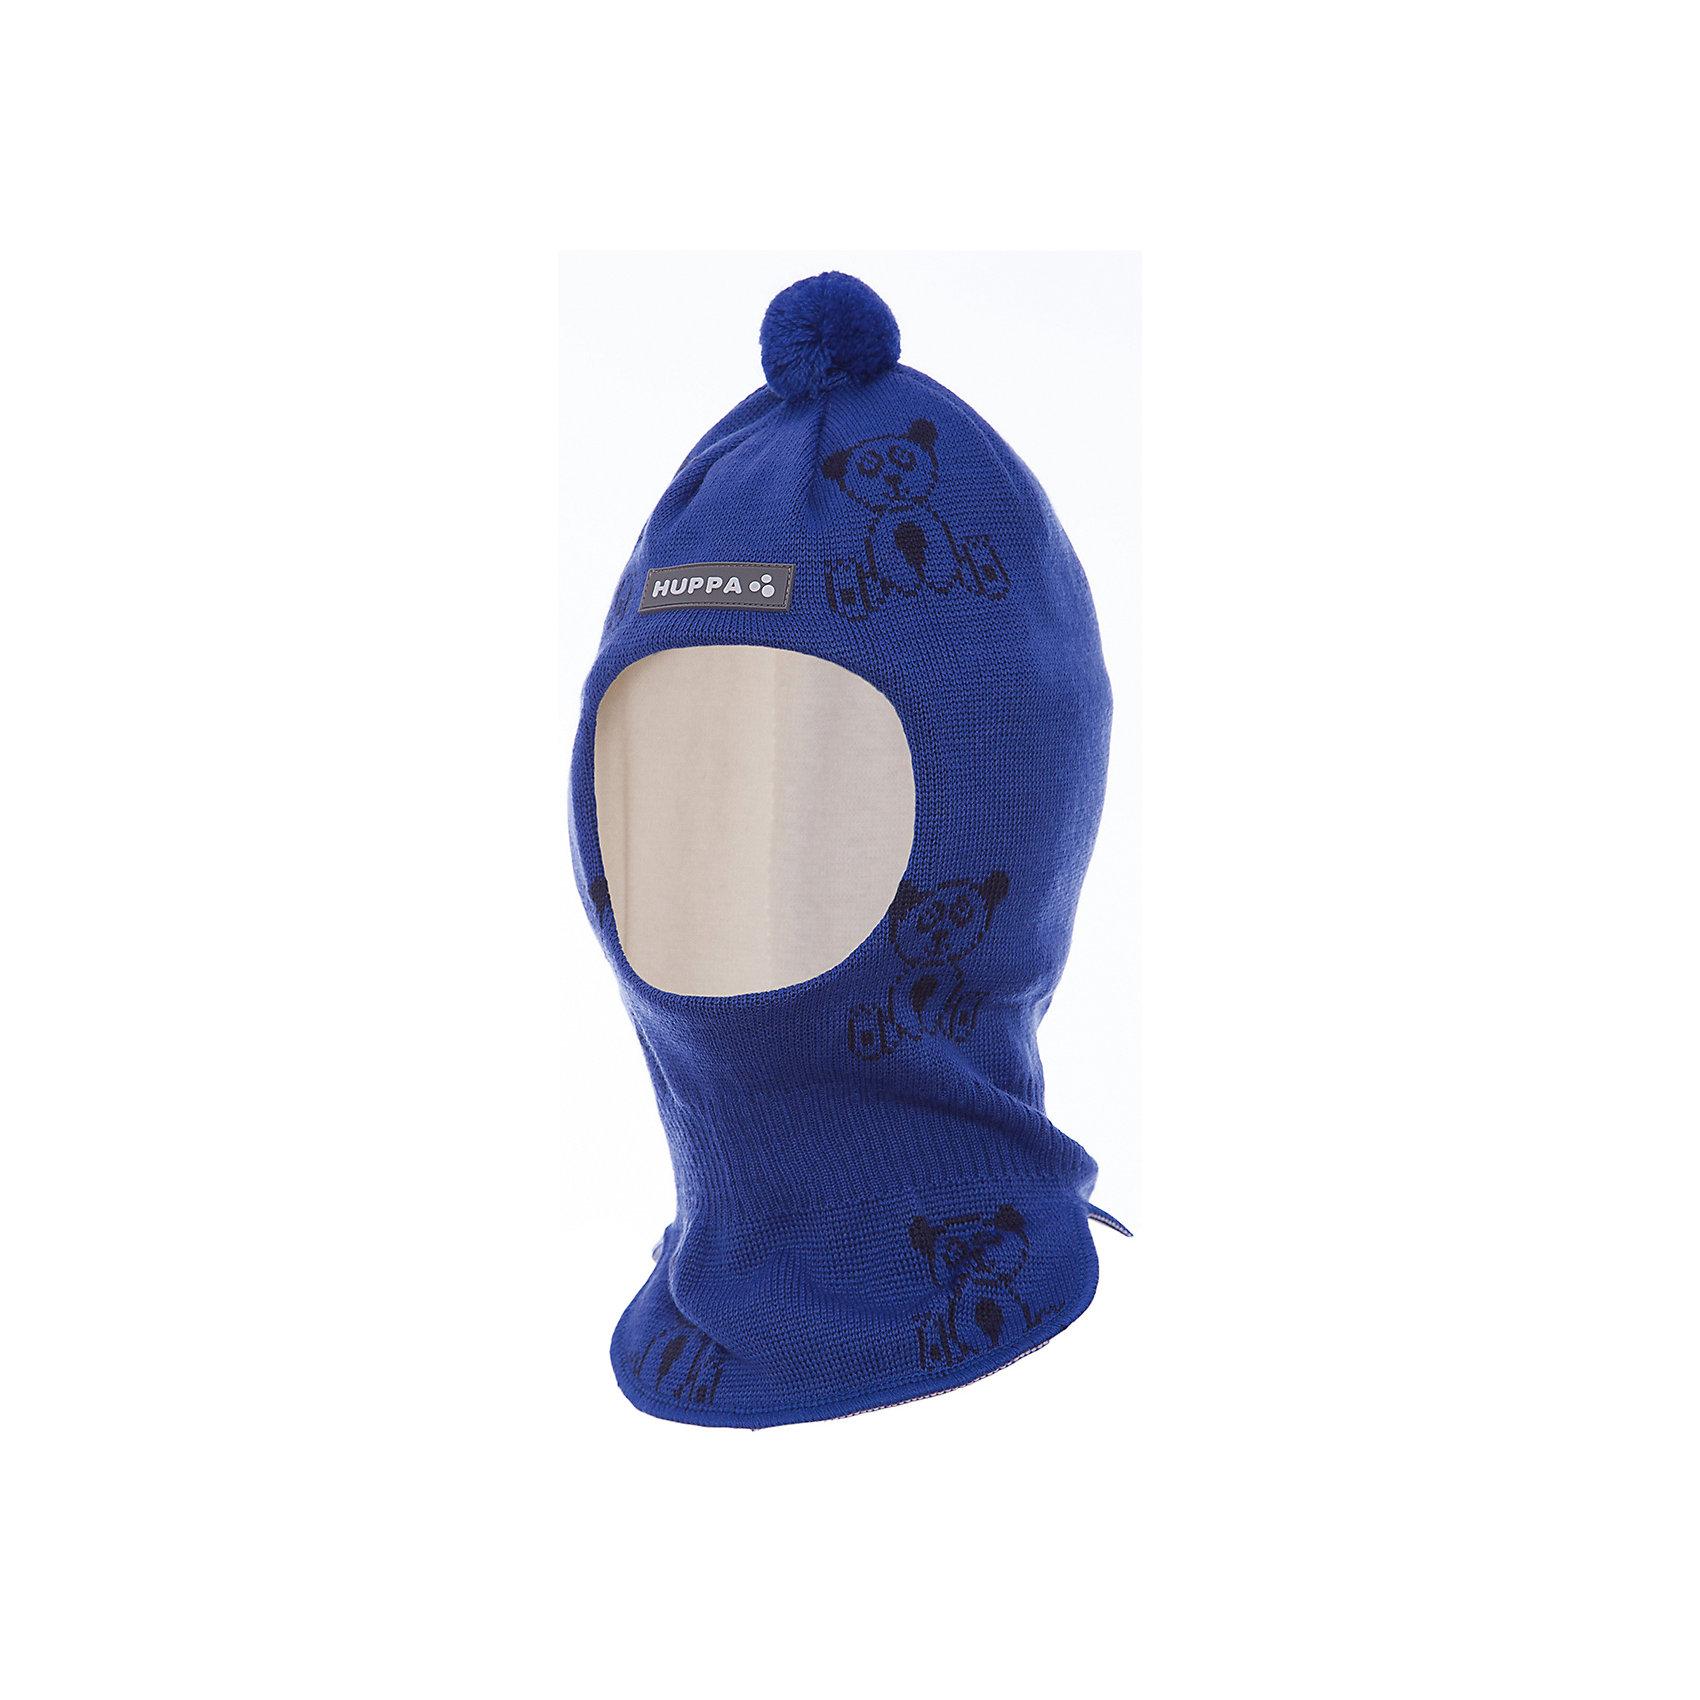 Шапка-шлем KELDA HuppaГоловные уборы<br>Вязаная шапка-шлем для детей KELDA.Теплая вязаная шапочка на хлопковой подкладке, прекрассно подойдет для повседневных прогулок в холодную погоду.<br>Состав:<br>50% мерс.шерсть, 50% акрил<br><br>Ширина мм: 89<br>Глубина мм: 117<br>Высота мм: 44<br>Вес г: 155<br>Цвет: синий<br>Возраст от месяцев: 36<br>Возраст до месяцев: 72<br>Пол: Унисекс<br>Возраст: Детский<br>Размер: 51-53,47-49,43-45<br>SKU: 7029377